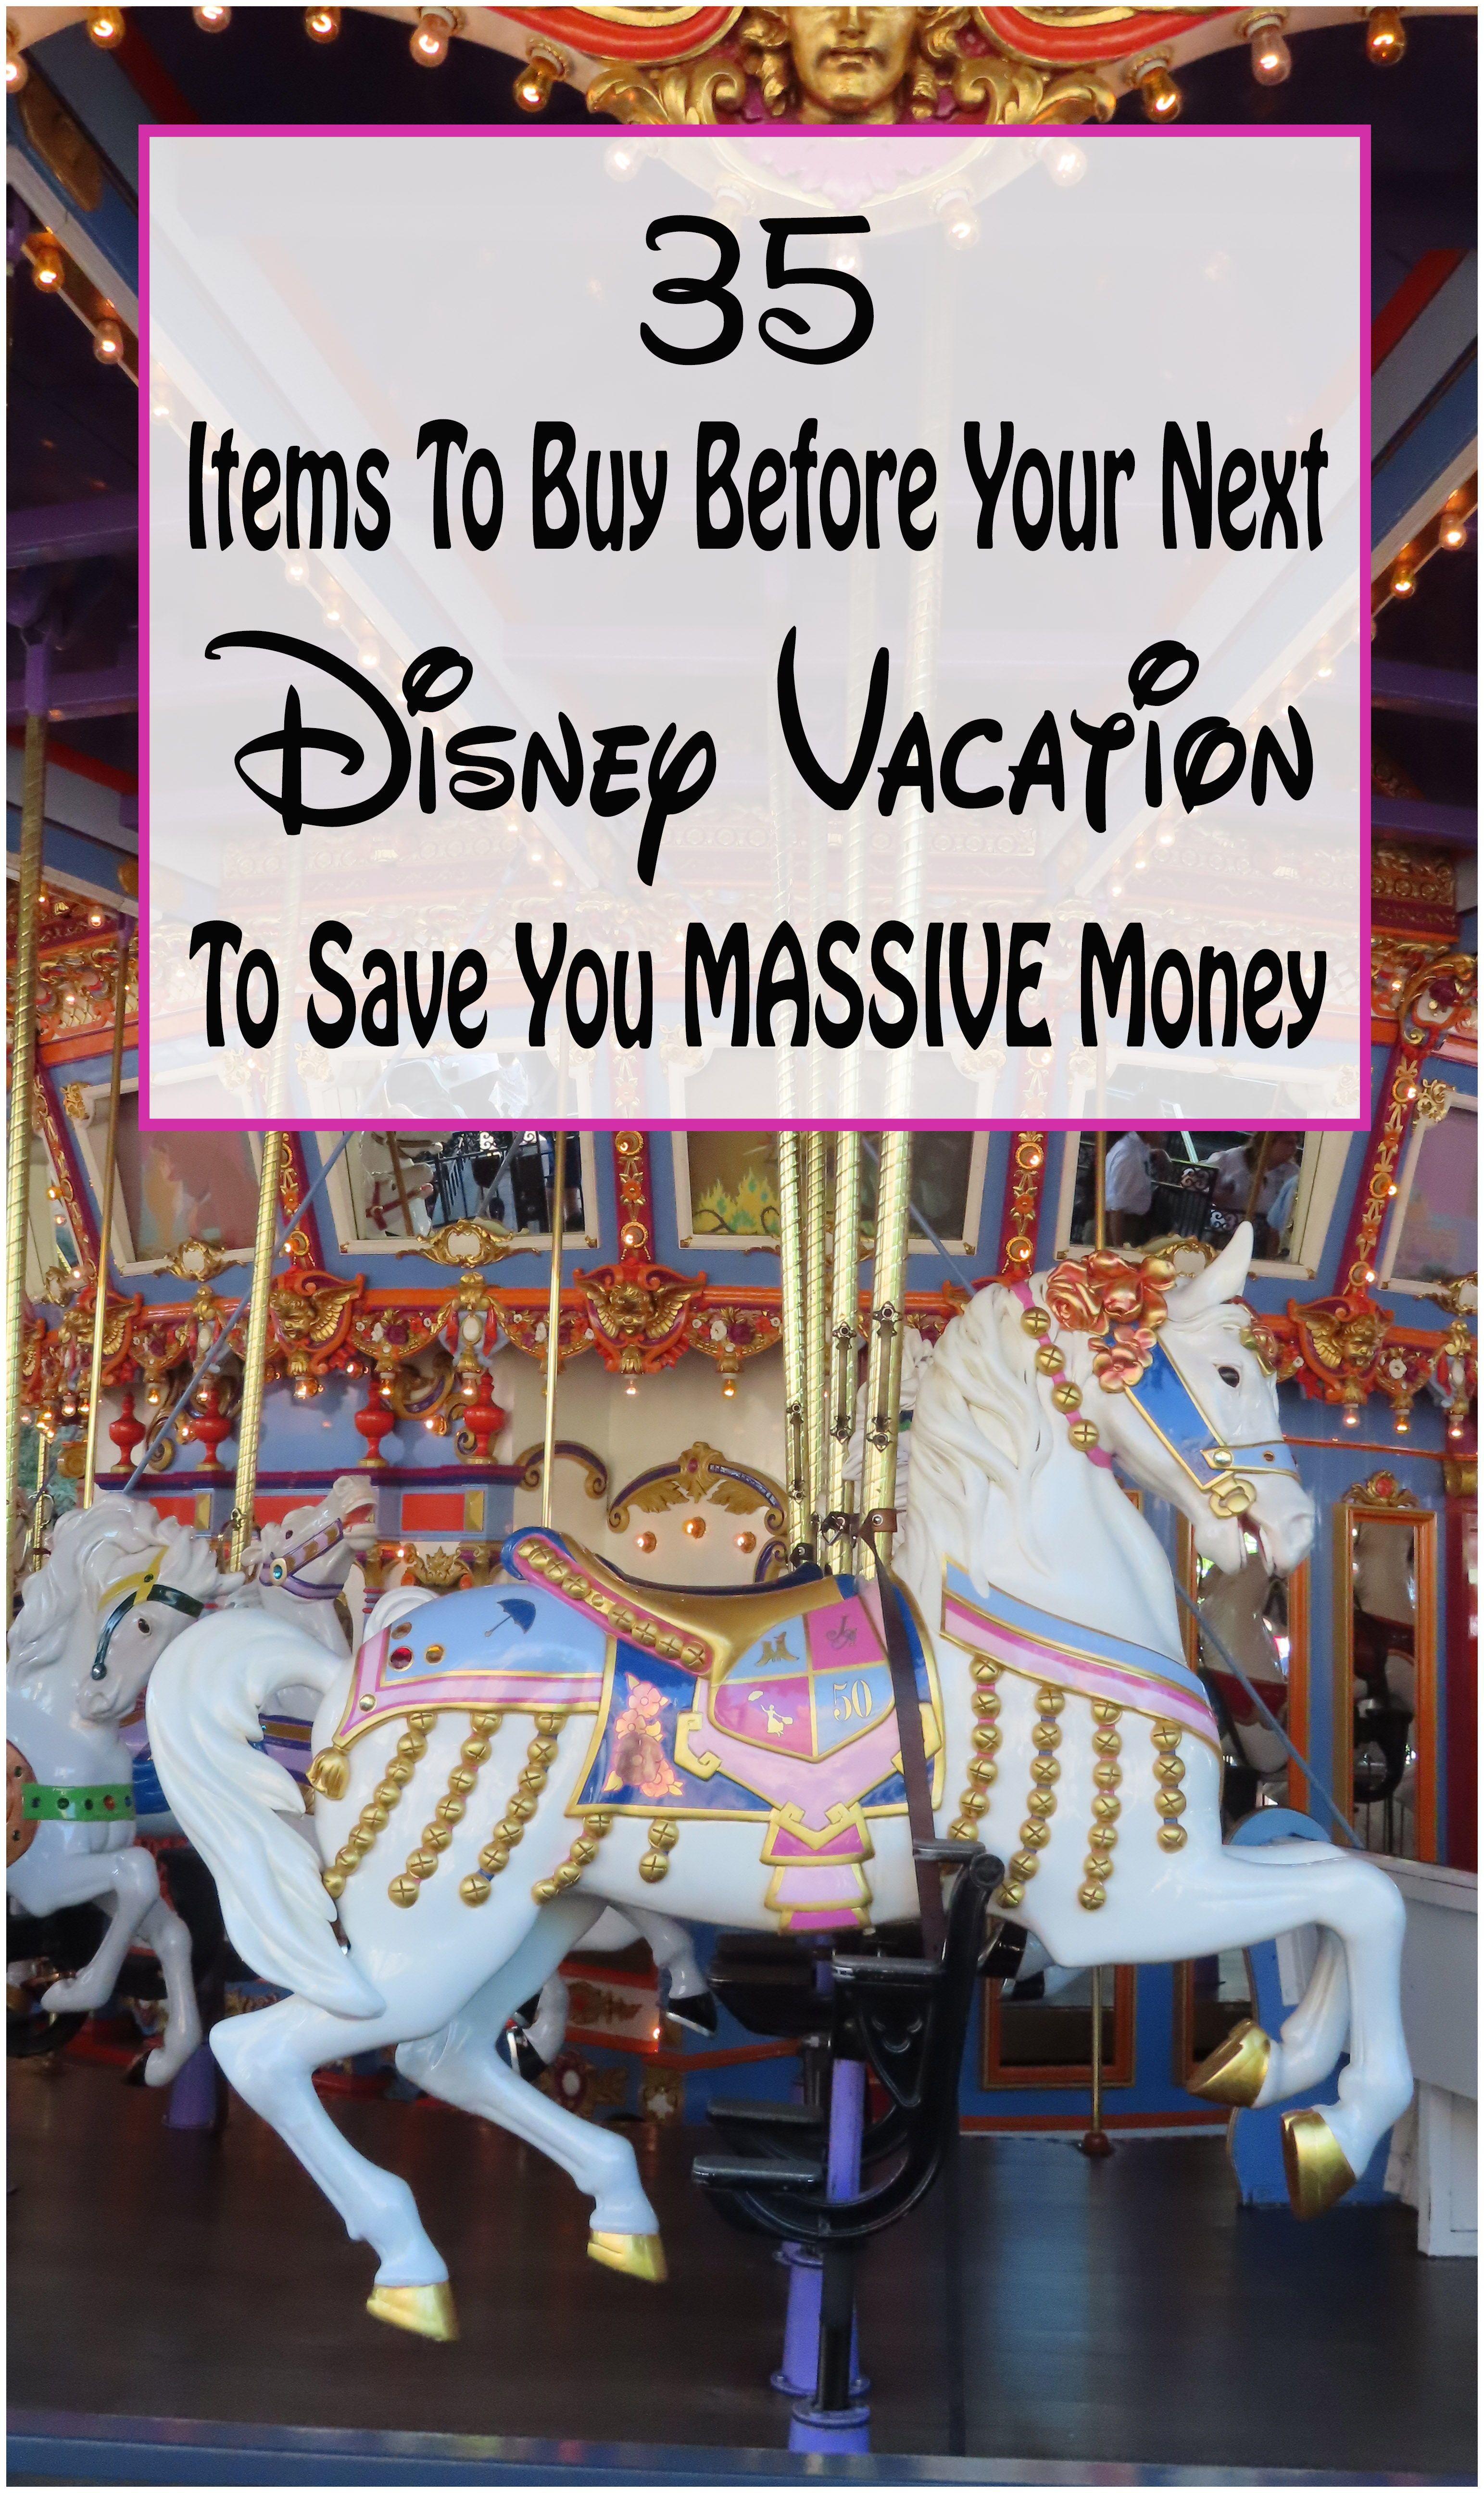 Photo of Artikel, die Sie vor Ihrem Disney-Urlaub kaufen müssen, um Geld zu sparen!